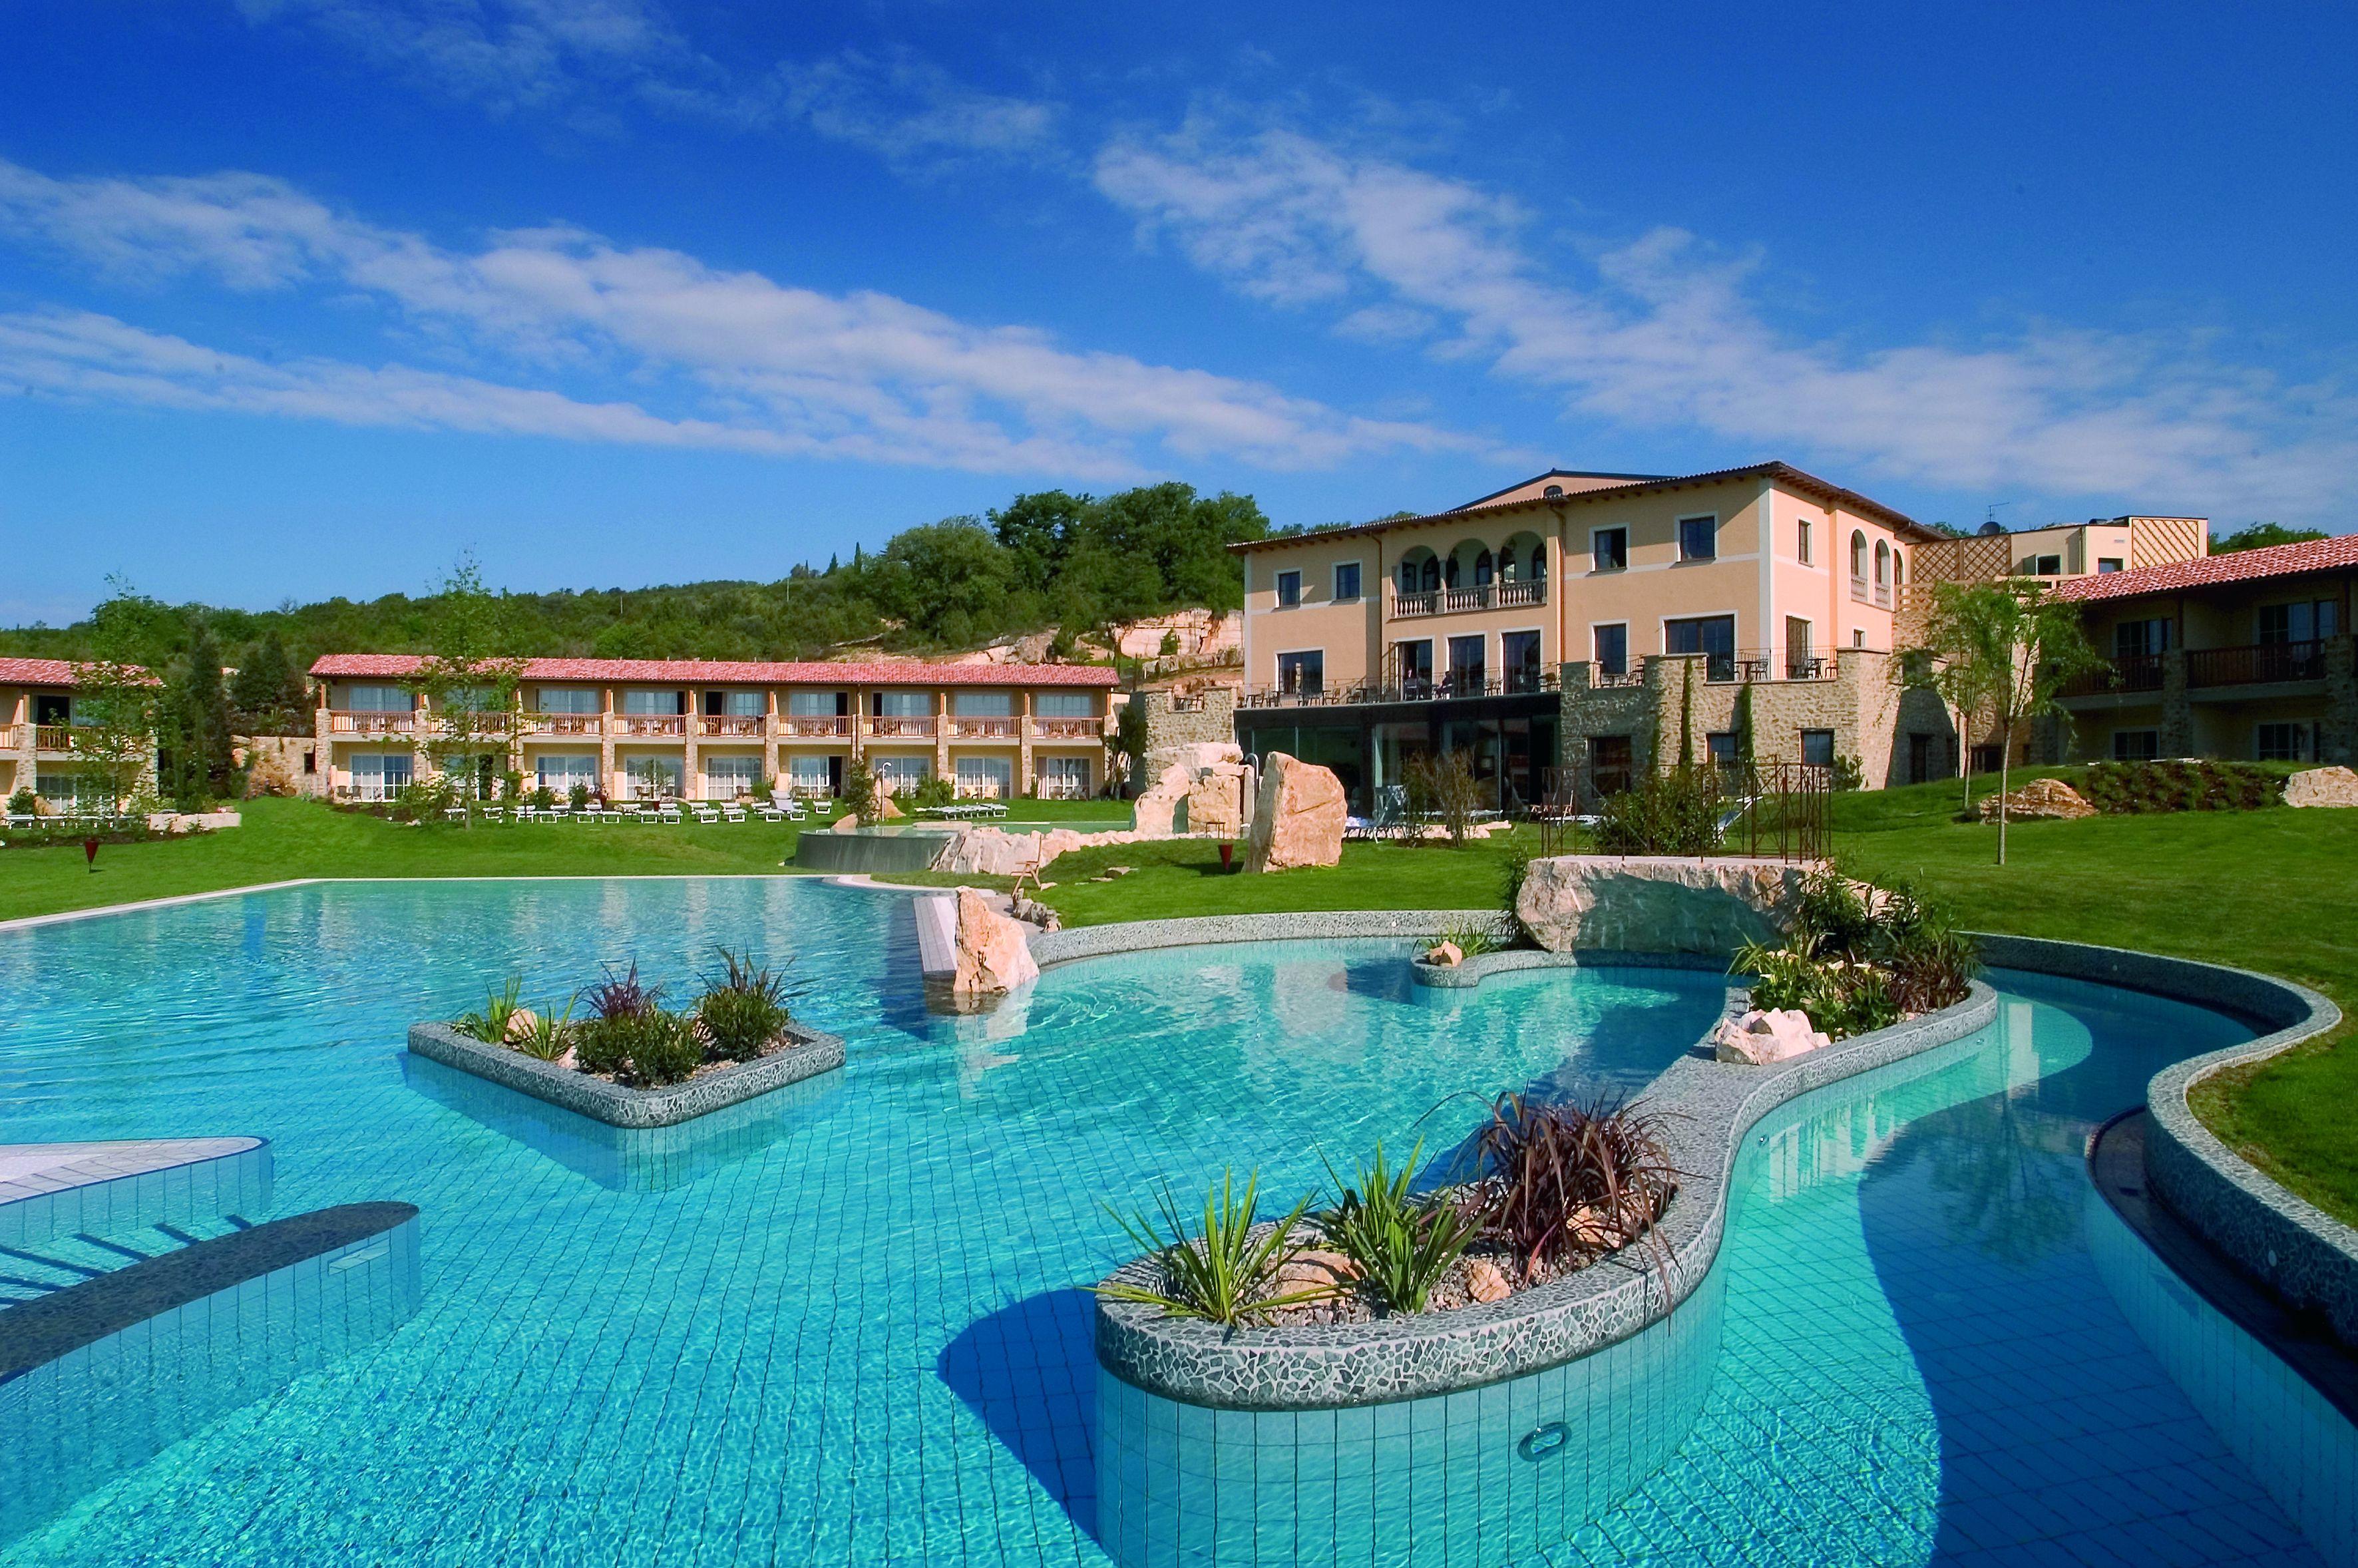 ADLER THERMAE Resort: der Aussen-Pool